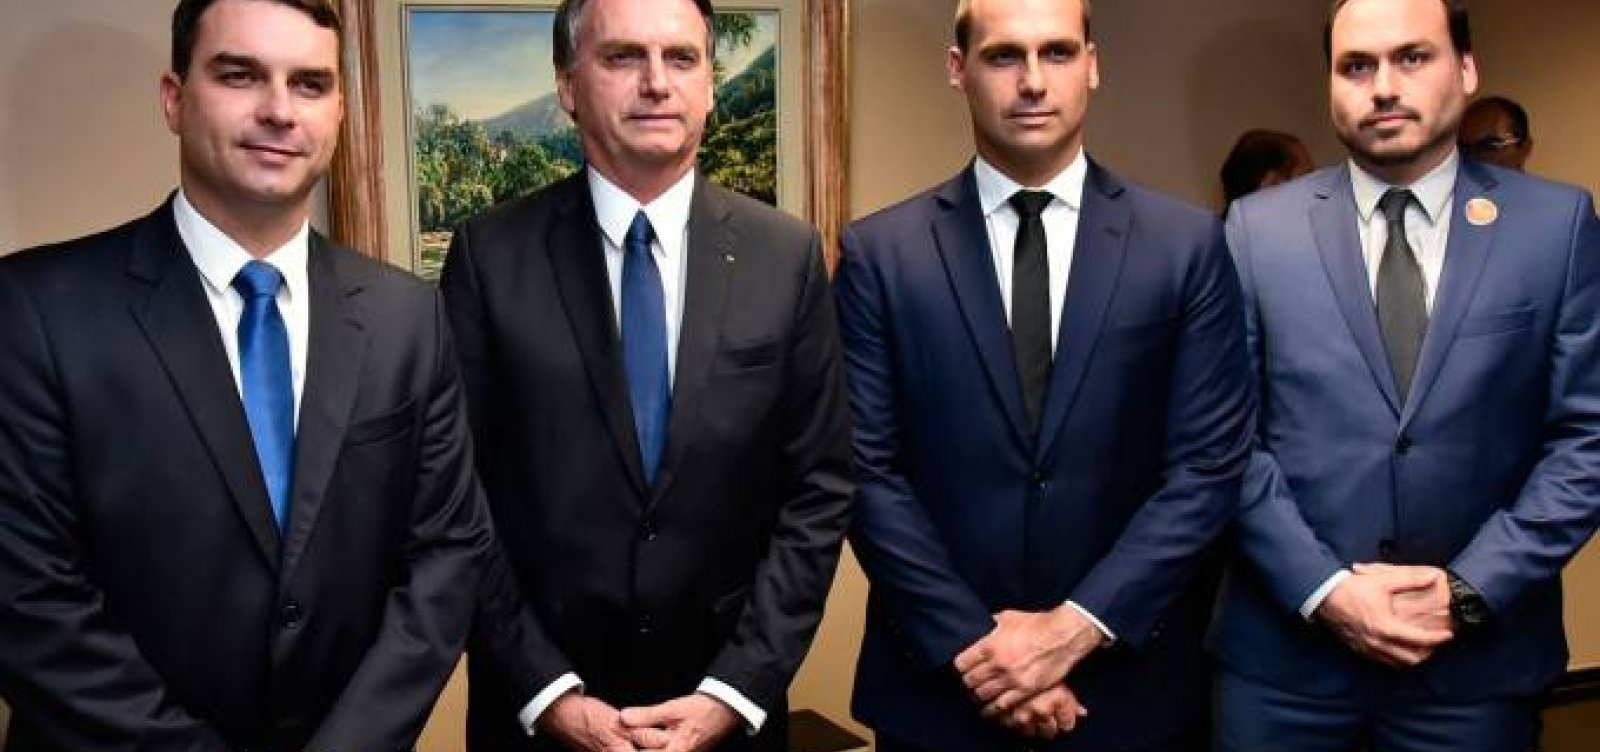 [Família Bolsonaro possui mais de 40 multas de trânsito]